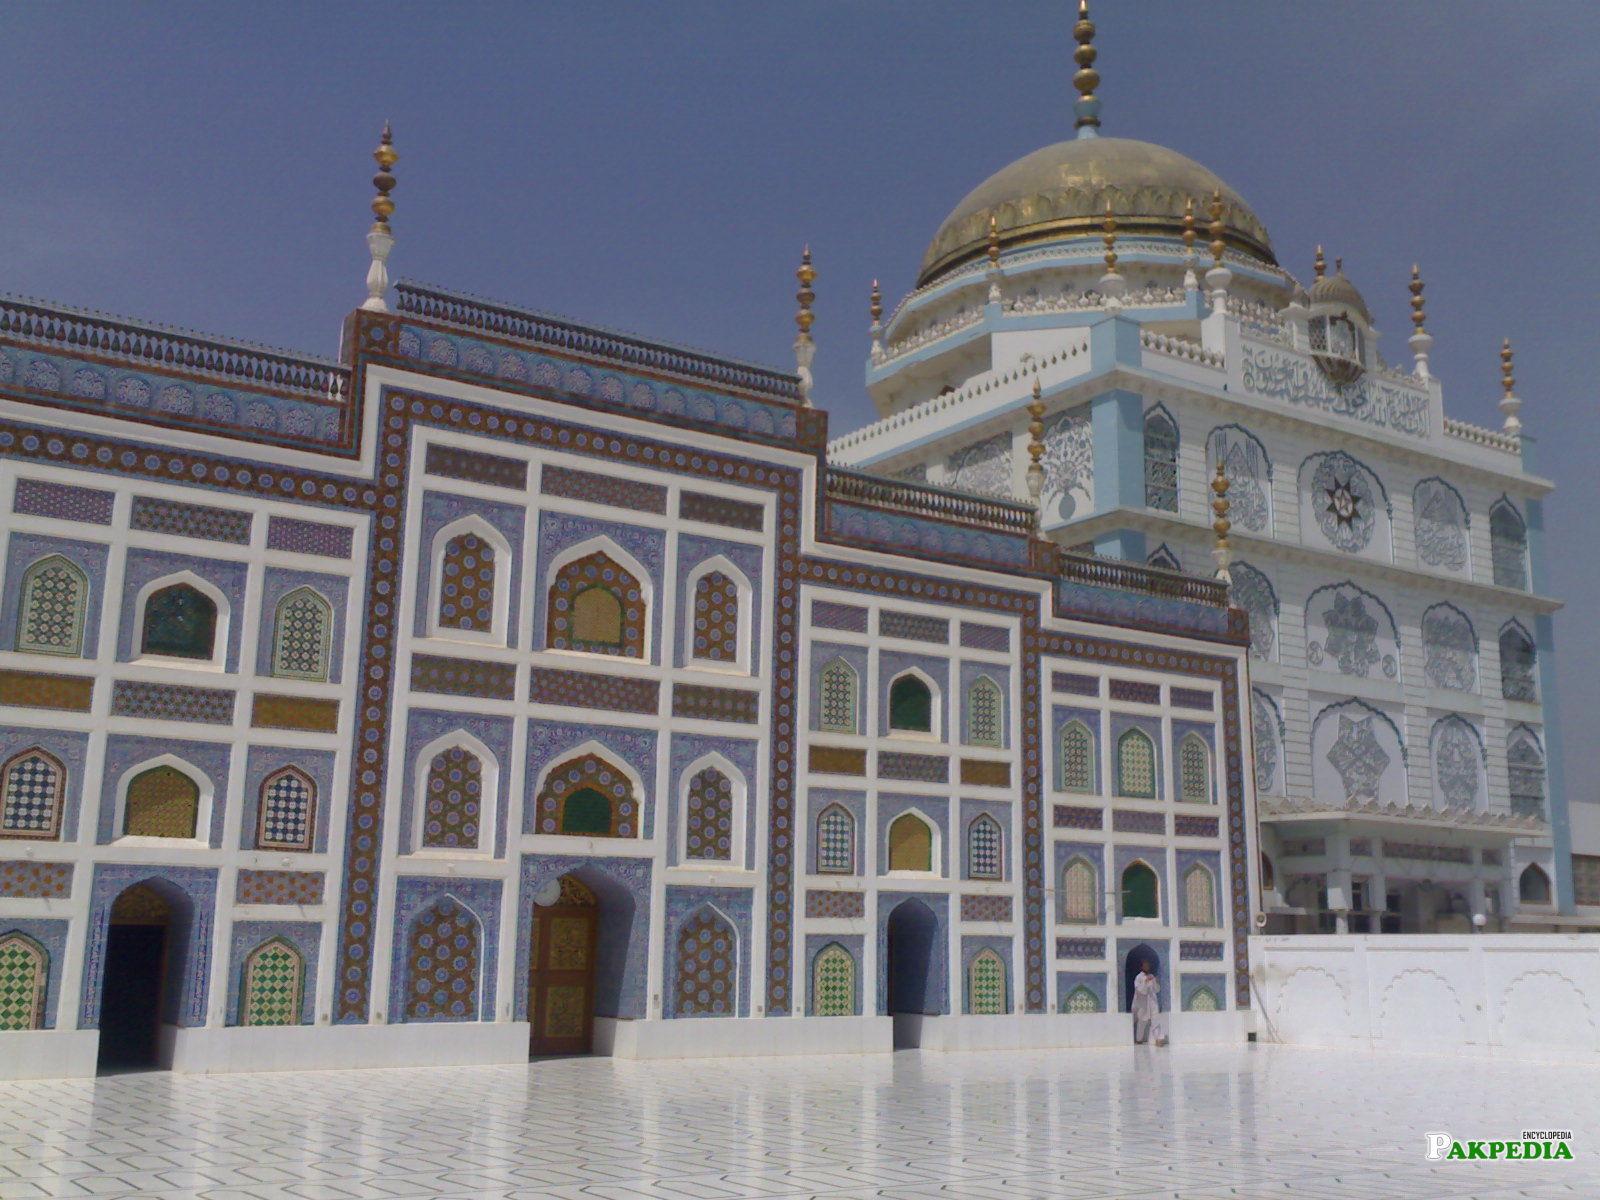 Holy Shrines in Khairpur